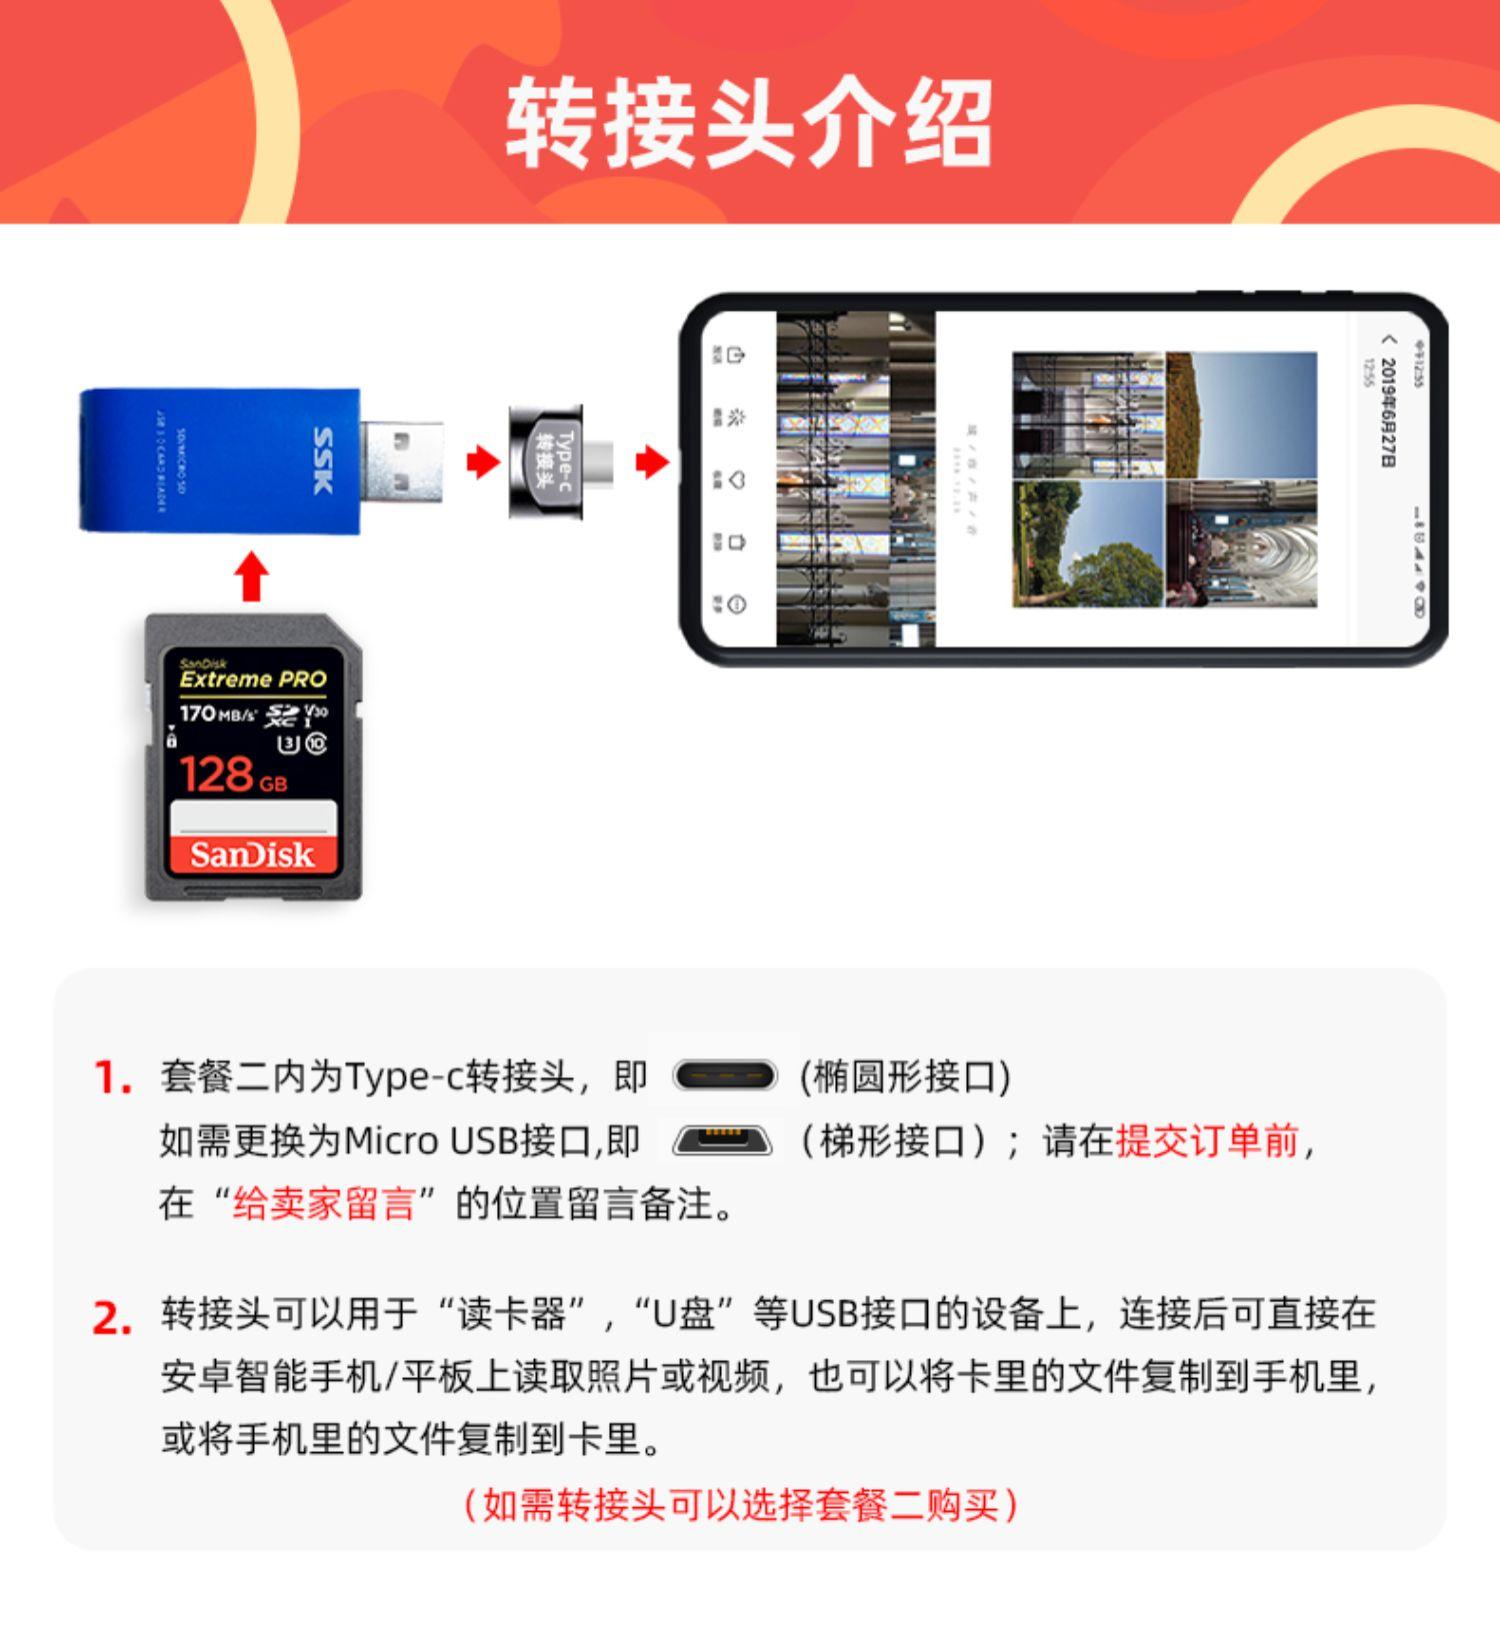 闪迪 128g sd卡 数码相机内存卡 SDXC高速170mb/s 4K U3 摄像机存储卡128g 佳能尼康索尼微单反相机sd卡128g商品详情图